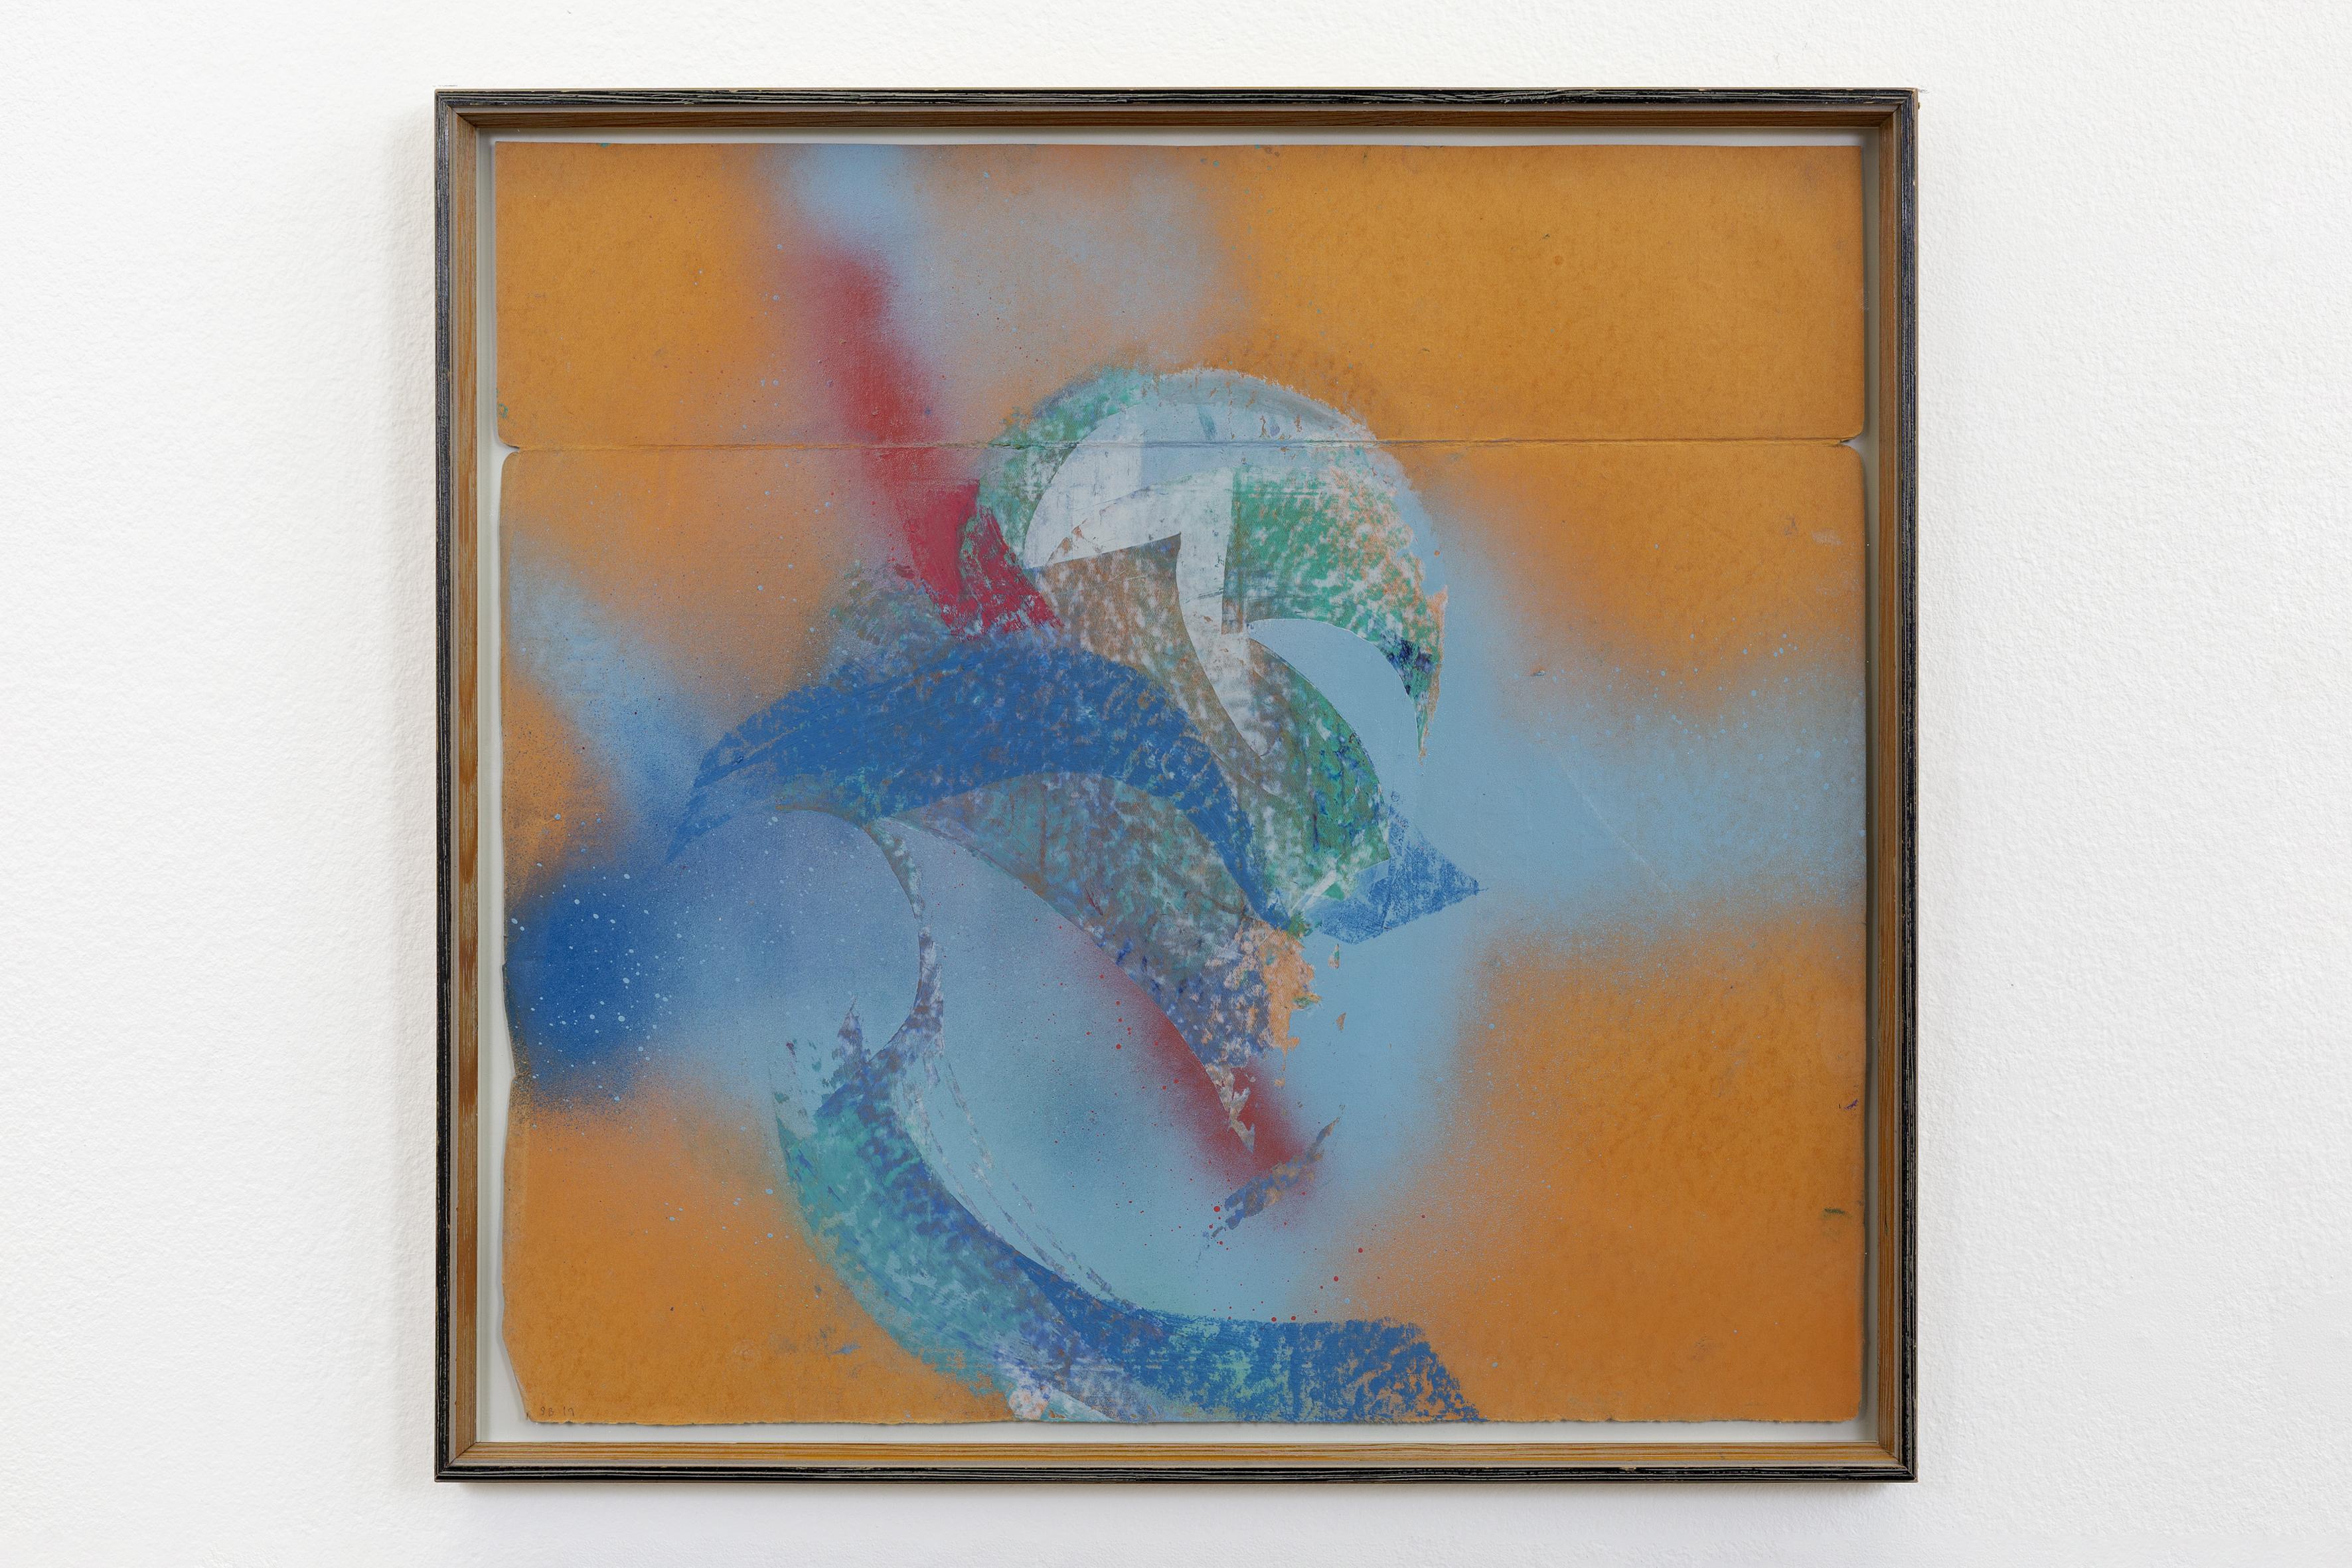 """""""Studie av himmelen over Høvåg IV"""" 2019 42x44 cm  oilpastel & spraypaint on found paper in artist frame"""